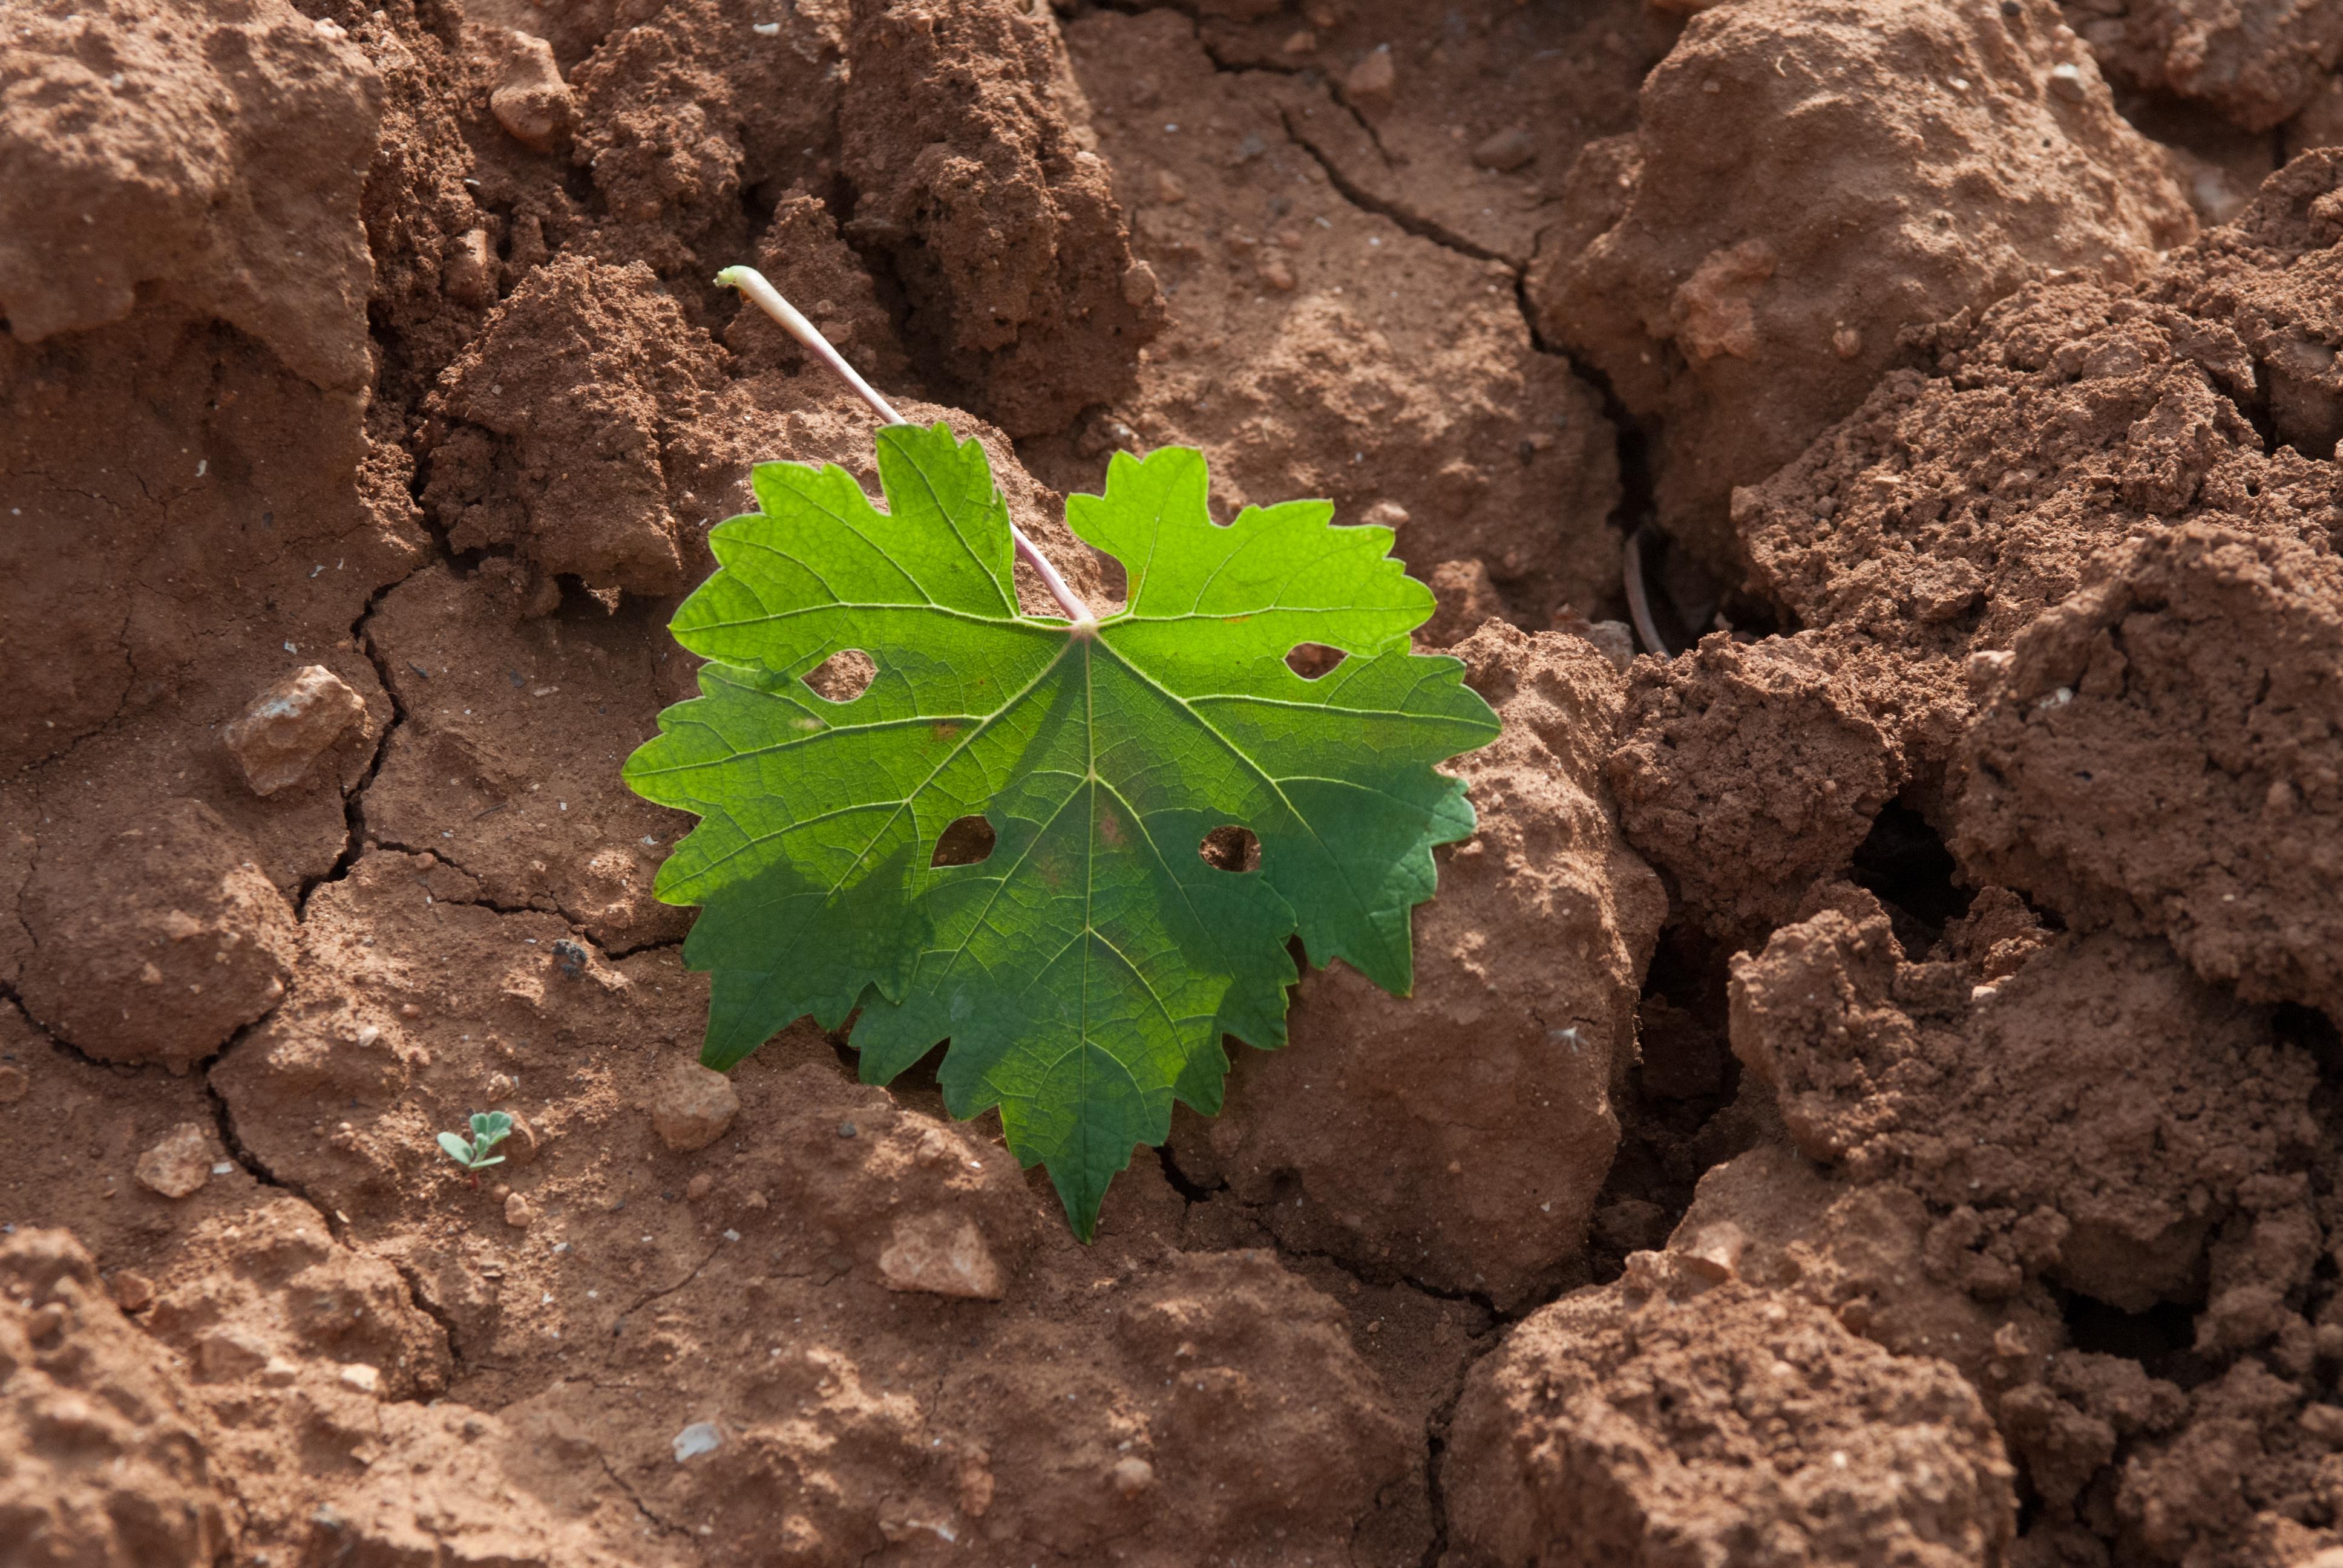 Hoja de viñedo sobre suelo de tierra rojiza formado por rocas calizas.